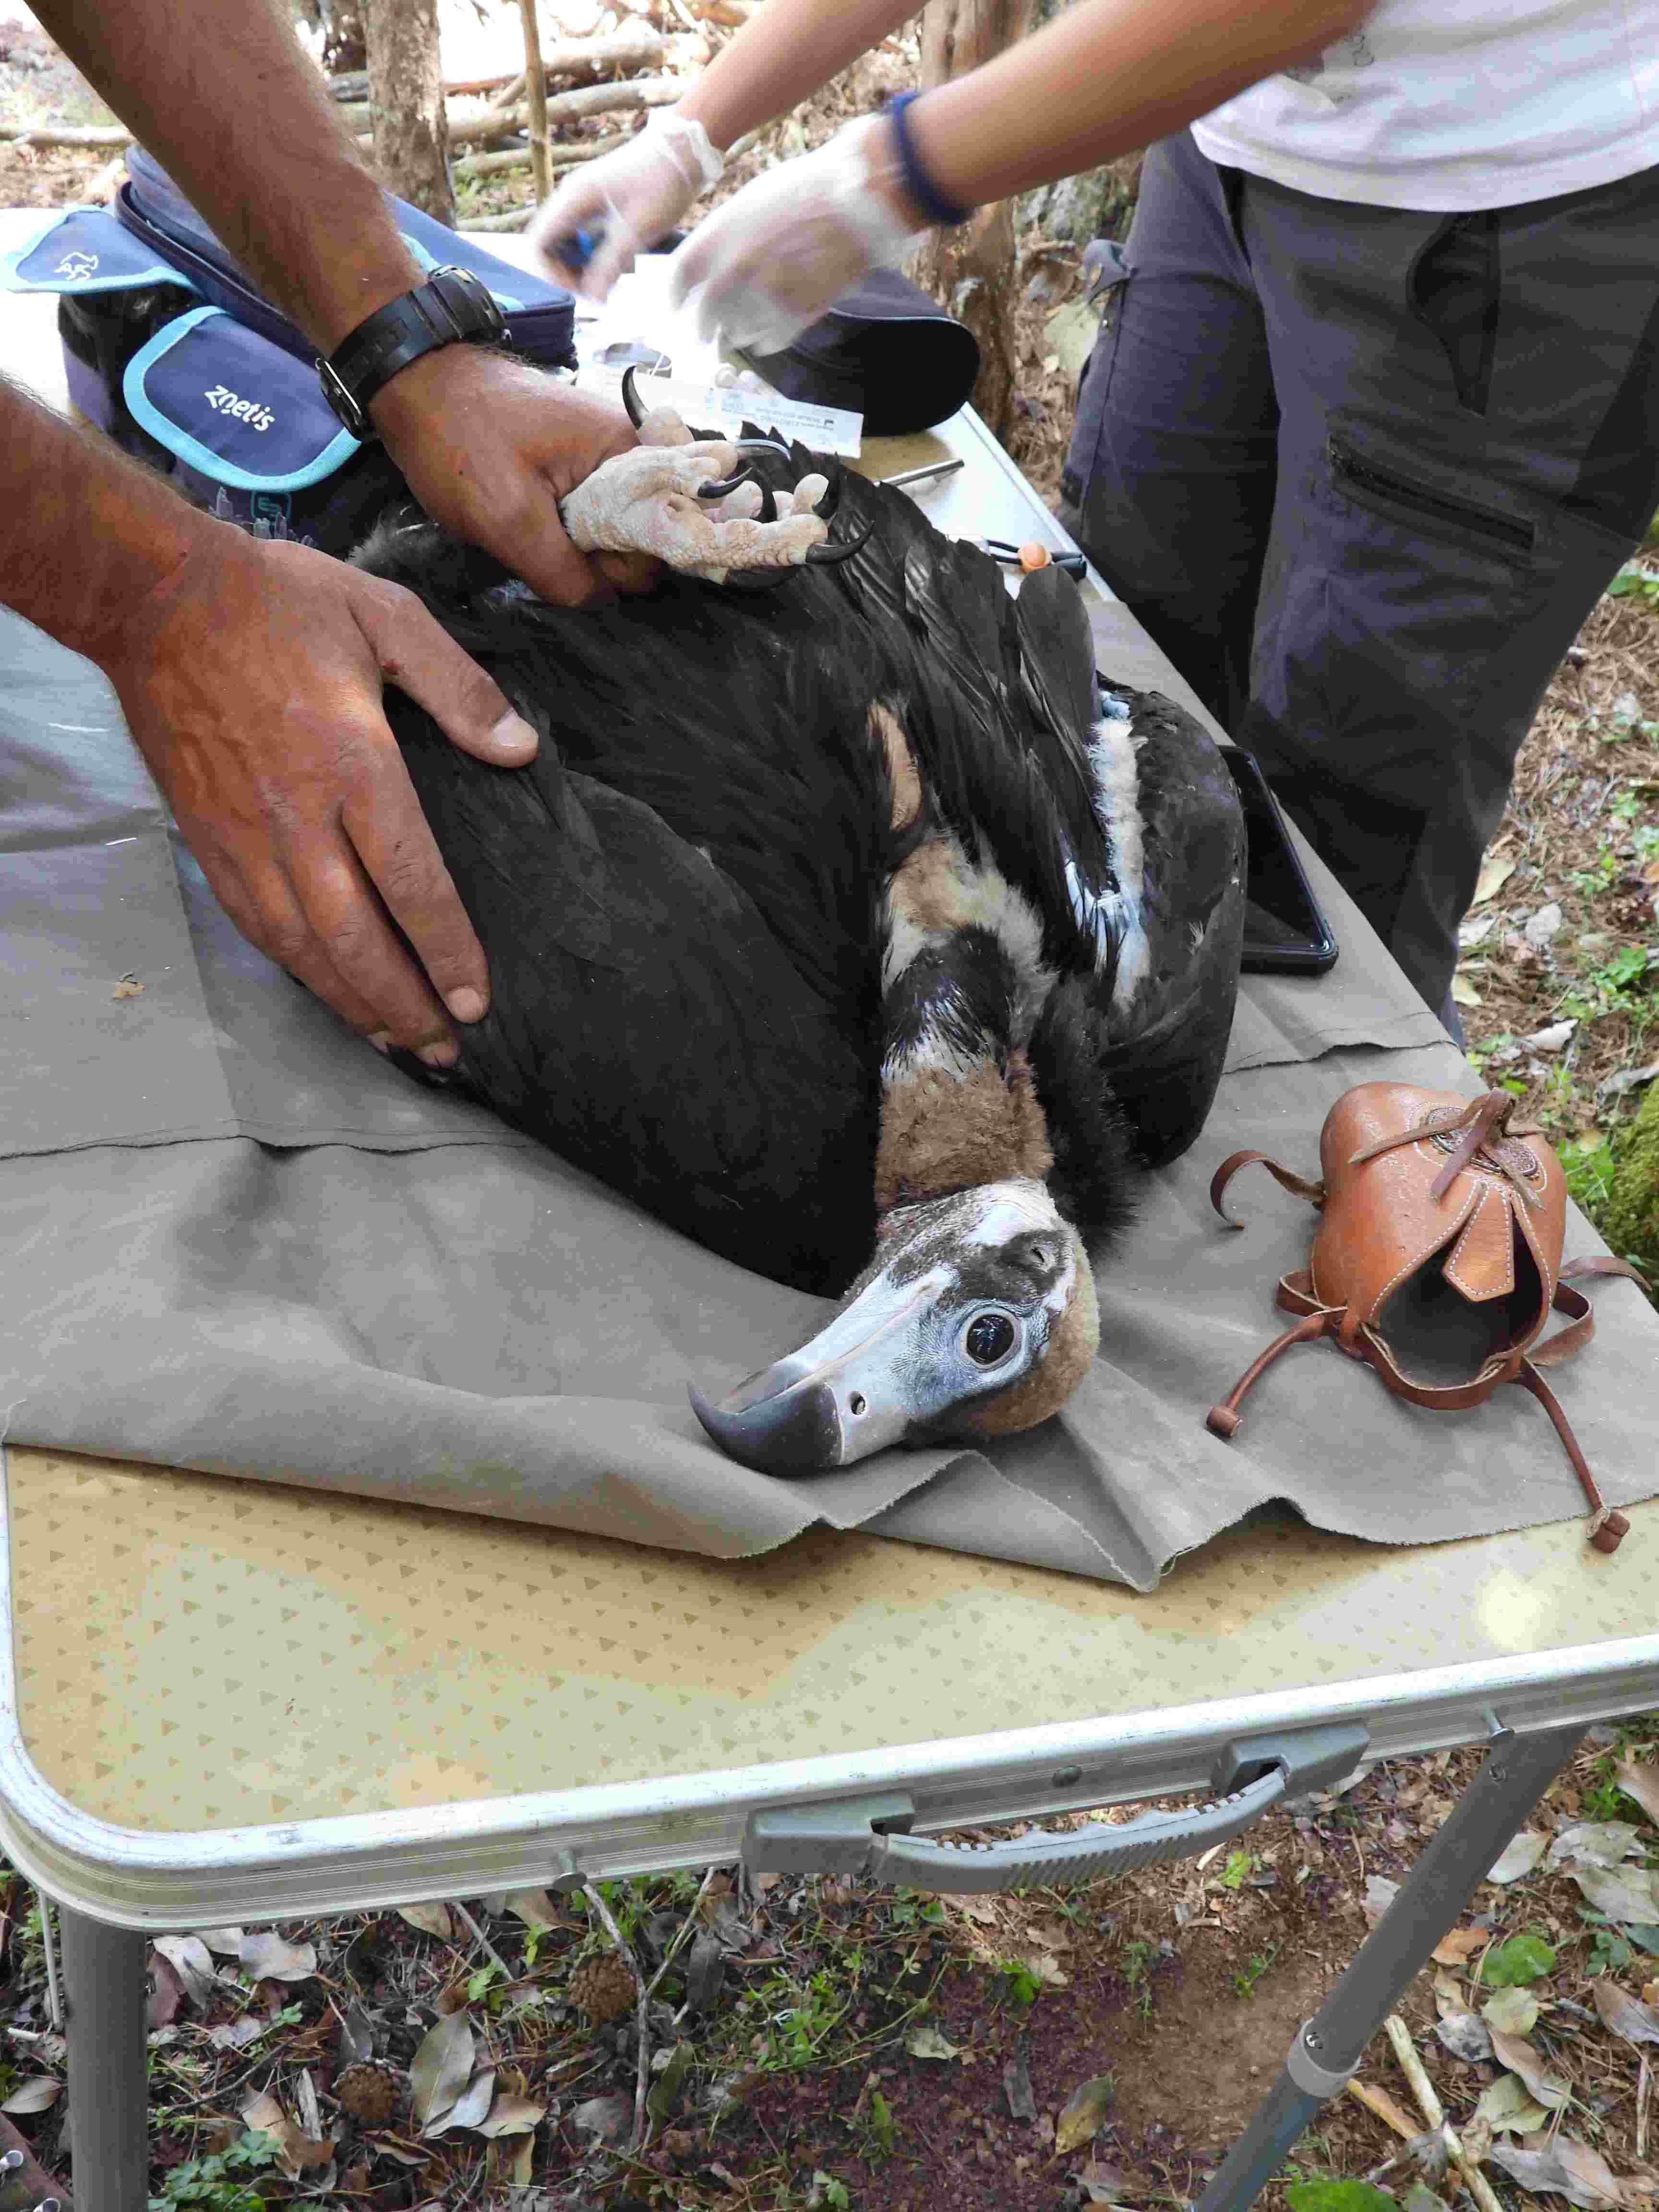 Revisión veterinaria a un buitre negro nacido en 2021 en la Sierra de la Demanda. Imagen: Grefa